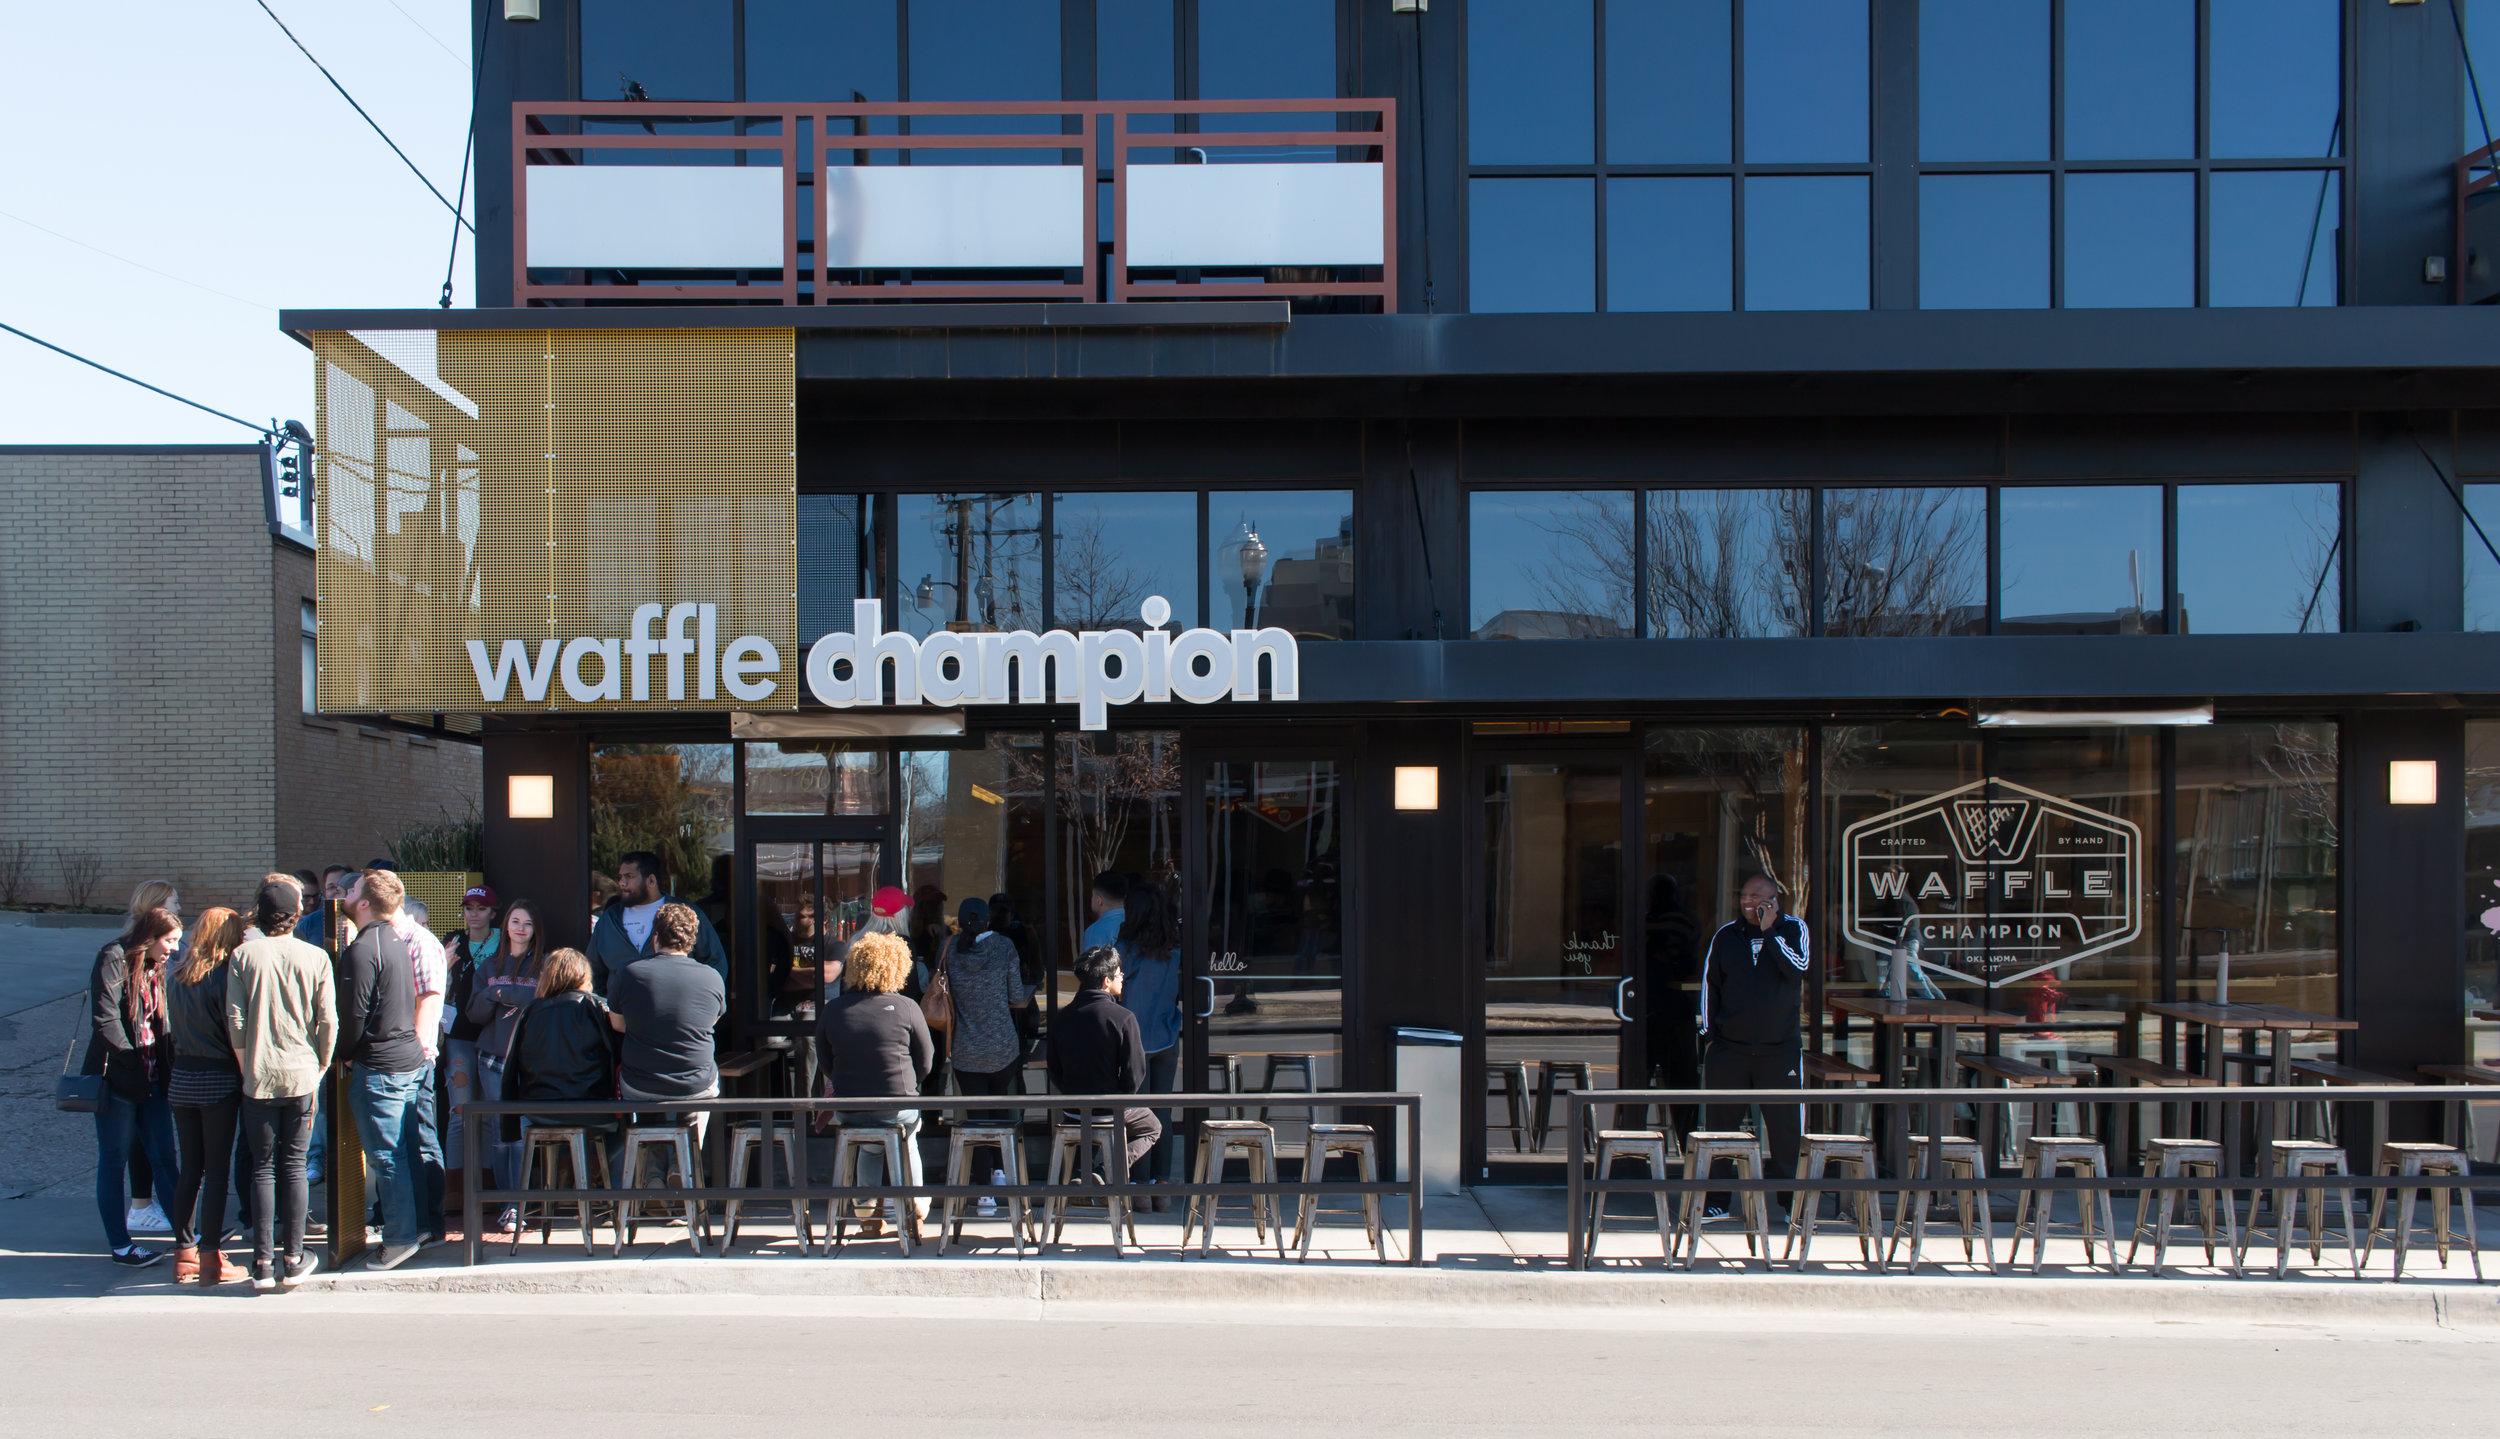 waffle-champion-oklahoma-city-exterior